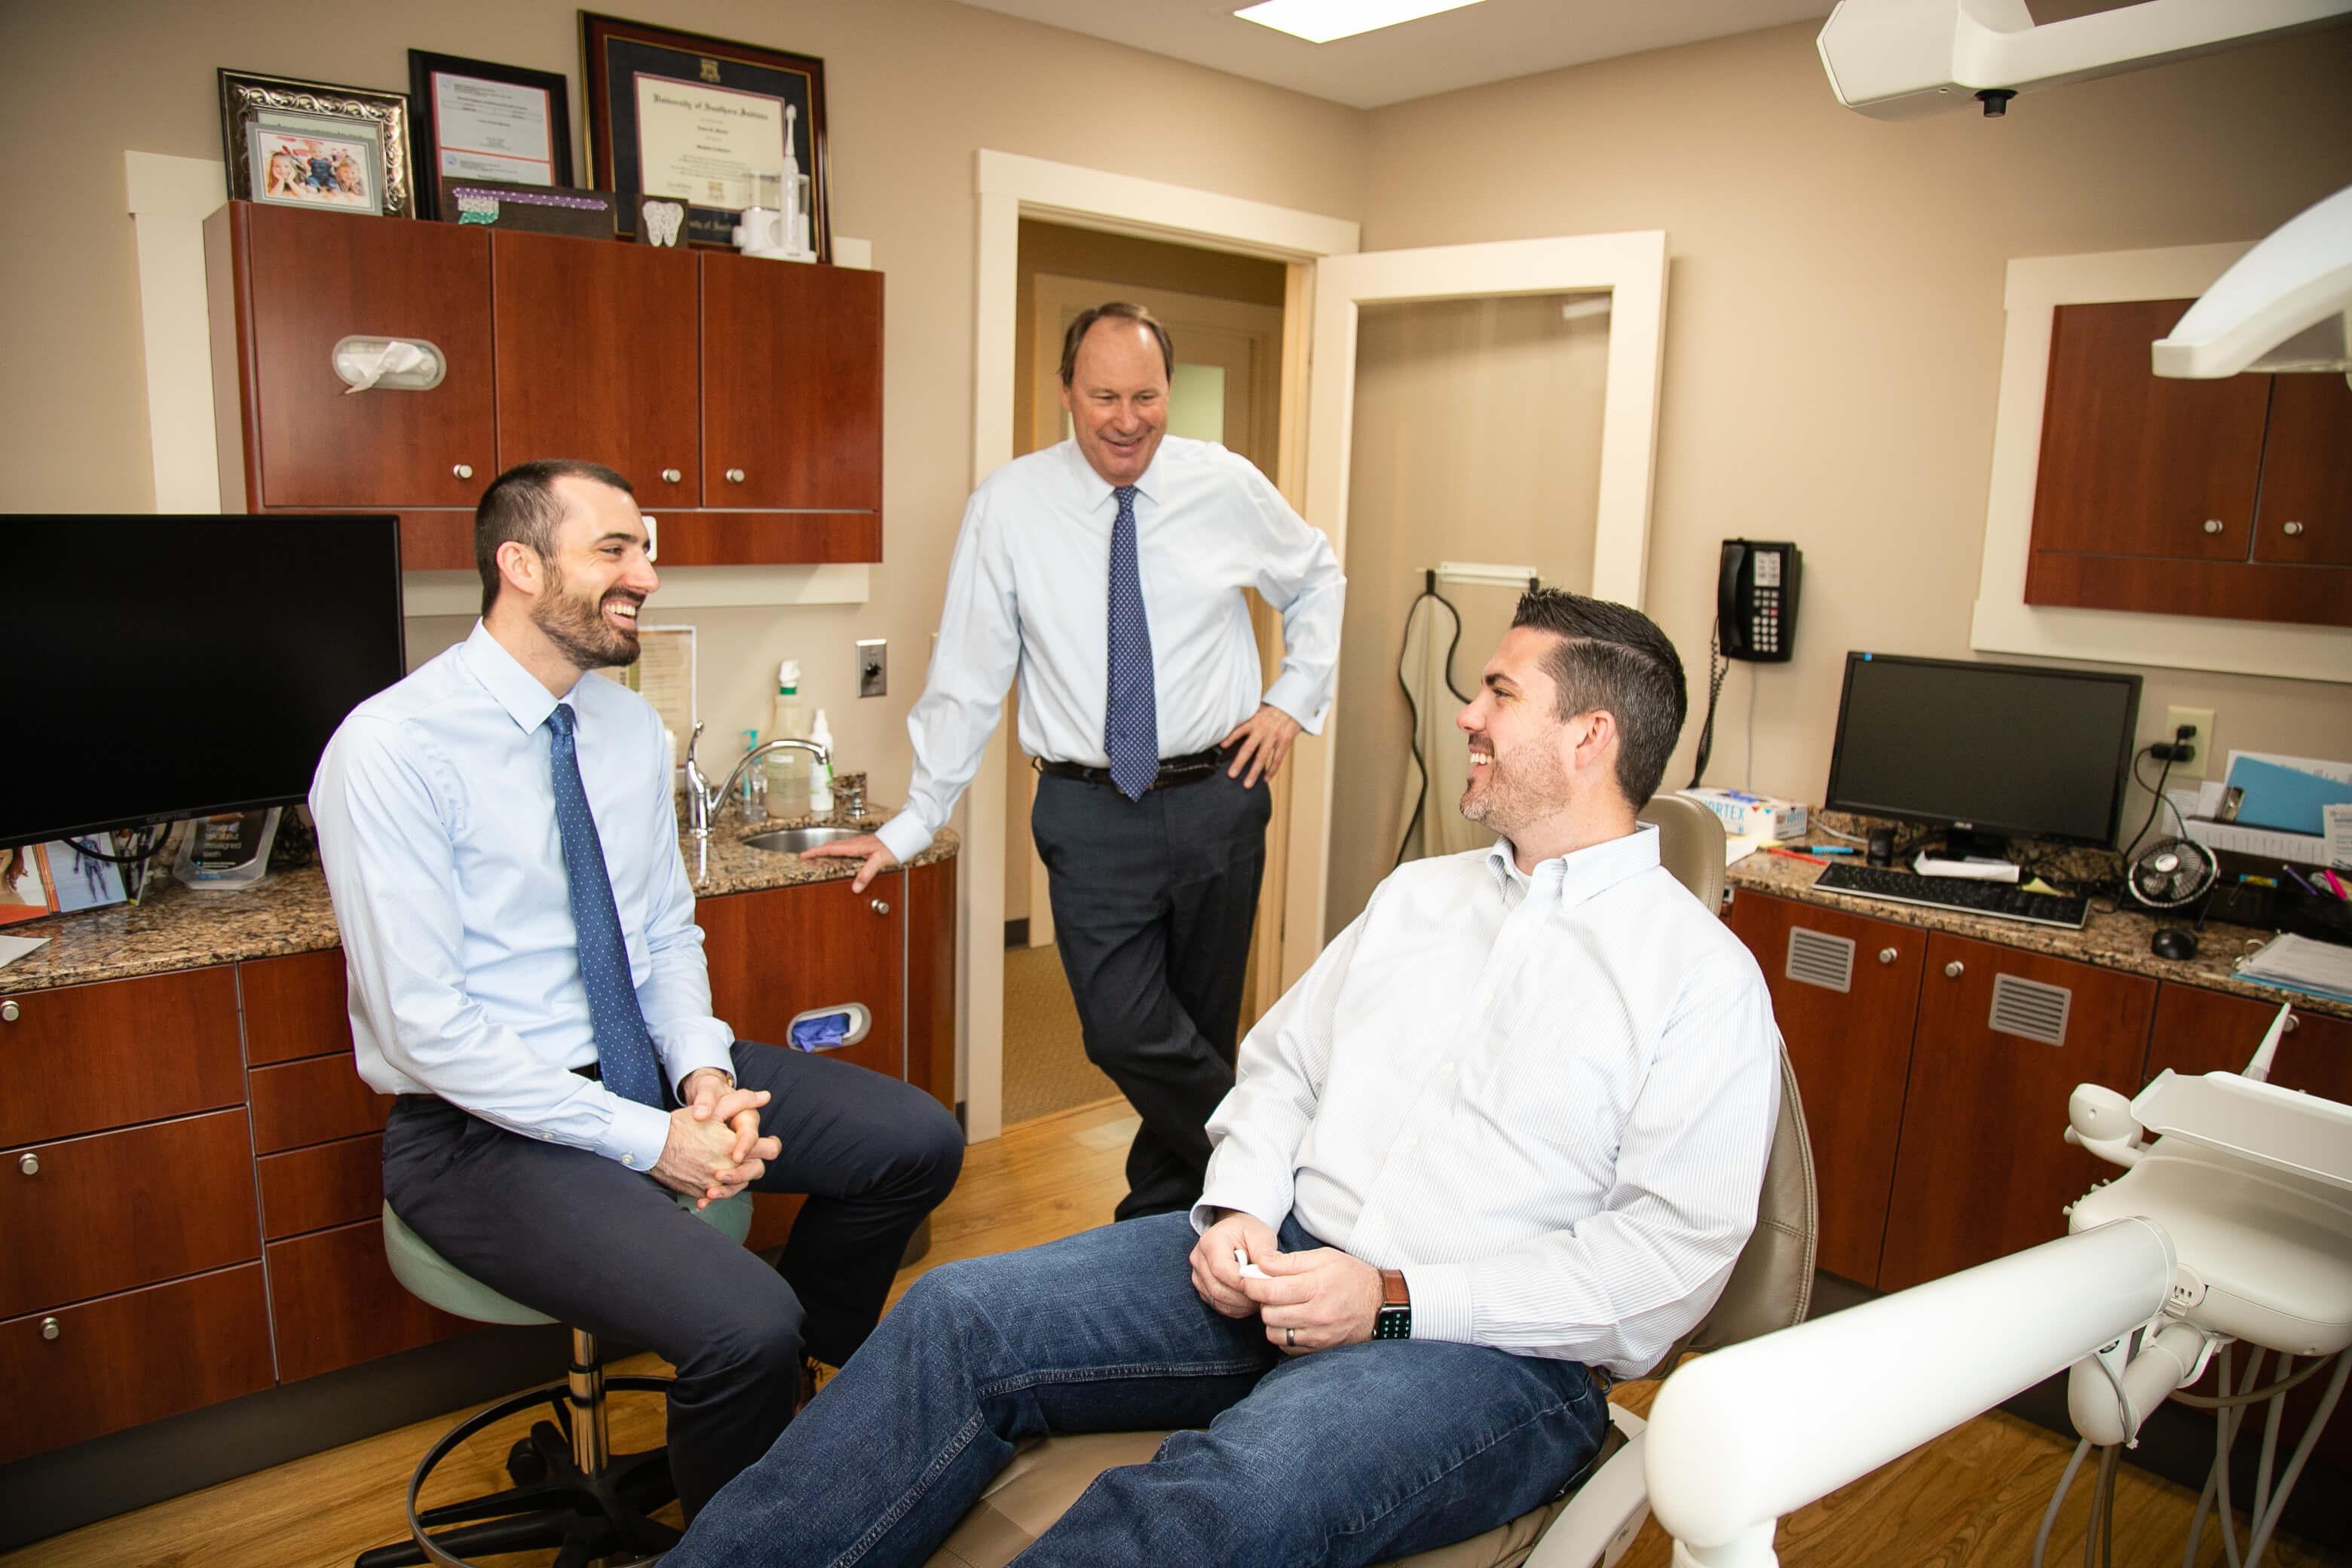 Gentlemen in a dentist exam room